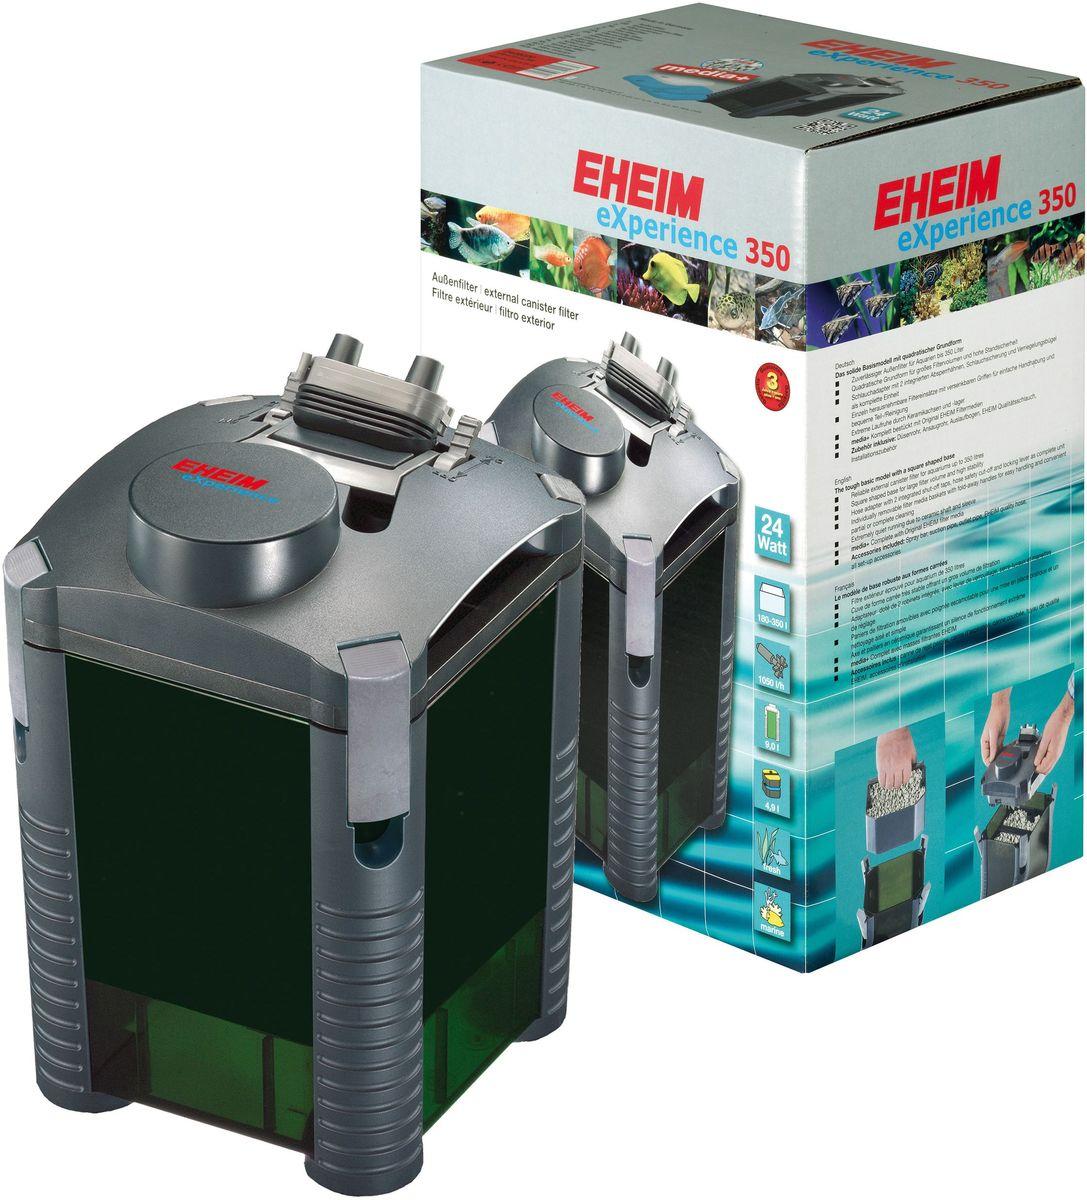 Фильтр внешний Eheim Experience 3502426020Внешний фильтр Eheim Experience 350 - базовая модель квадратной формы. Его форма позволяет устанавливать его на углы, занимая меньше места. Вместо отдельных соединителей для шлангов фильтр имеет полный адаптер для шлангов с 2 встроенными отводами. Адаптер можно легко снять и безопасно заменить рычагом (фиксирующим зажимом). Запорные краны можно регулировать индивидуально, чтобы регулировать поток воды. Канистра фильтра оснащена практичными фильтровальными корзинами. Они имеют складные ручки и могут быть легко удалены для удобства управления и удобной полной / частичной очистки. Компоненты из высококачественной керамики (оси и рукава рабочего колеса), обеспечивает очень тихую работу, высокую упругость и чрезвычайно длительный срок службы.При мощности 8 Вт с мощностью насоса 700 л/ч работает очень эффективно и имеет низкое потребление энергии.Для аквариумов: 180-350 л.Мощность насоса (50 Гц): 1050 л/ч.Насосная головка (H max при 50 Гц): 2 м.Мощность (50 Гц): 24 ватт.Объем фильтра: 4,9 л.Объем контейнера: 9 л.Высота: 210 мм.Диаметр фильтра: 375 мм.Высота установки: 210 см.Напряжение: 230 вольт.Диаметр шланга всасывания (внутри): 16 / 22 мм.Диаметр напорного шланга (внутри): 16 / 22 мм.